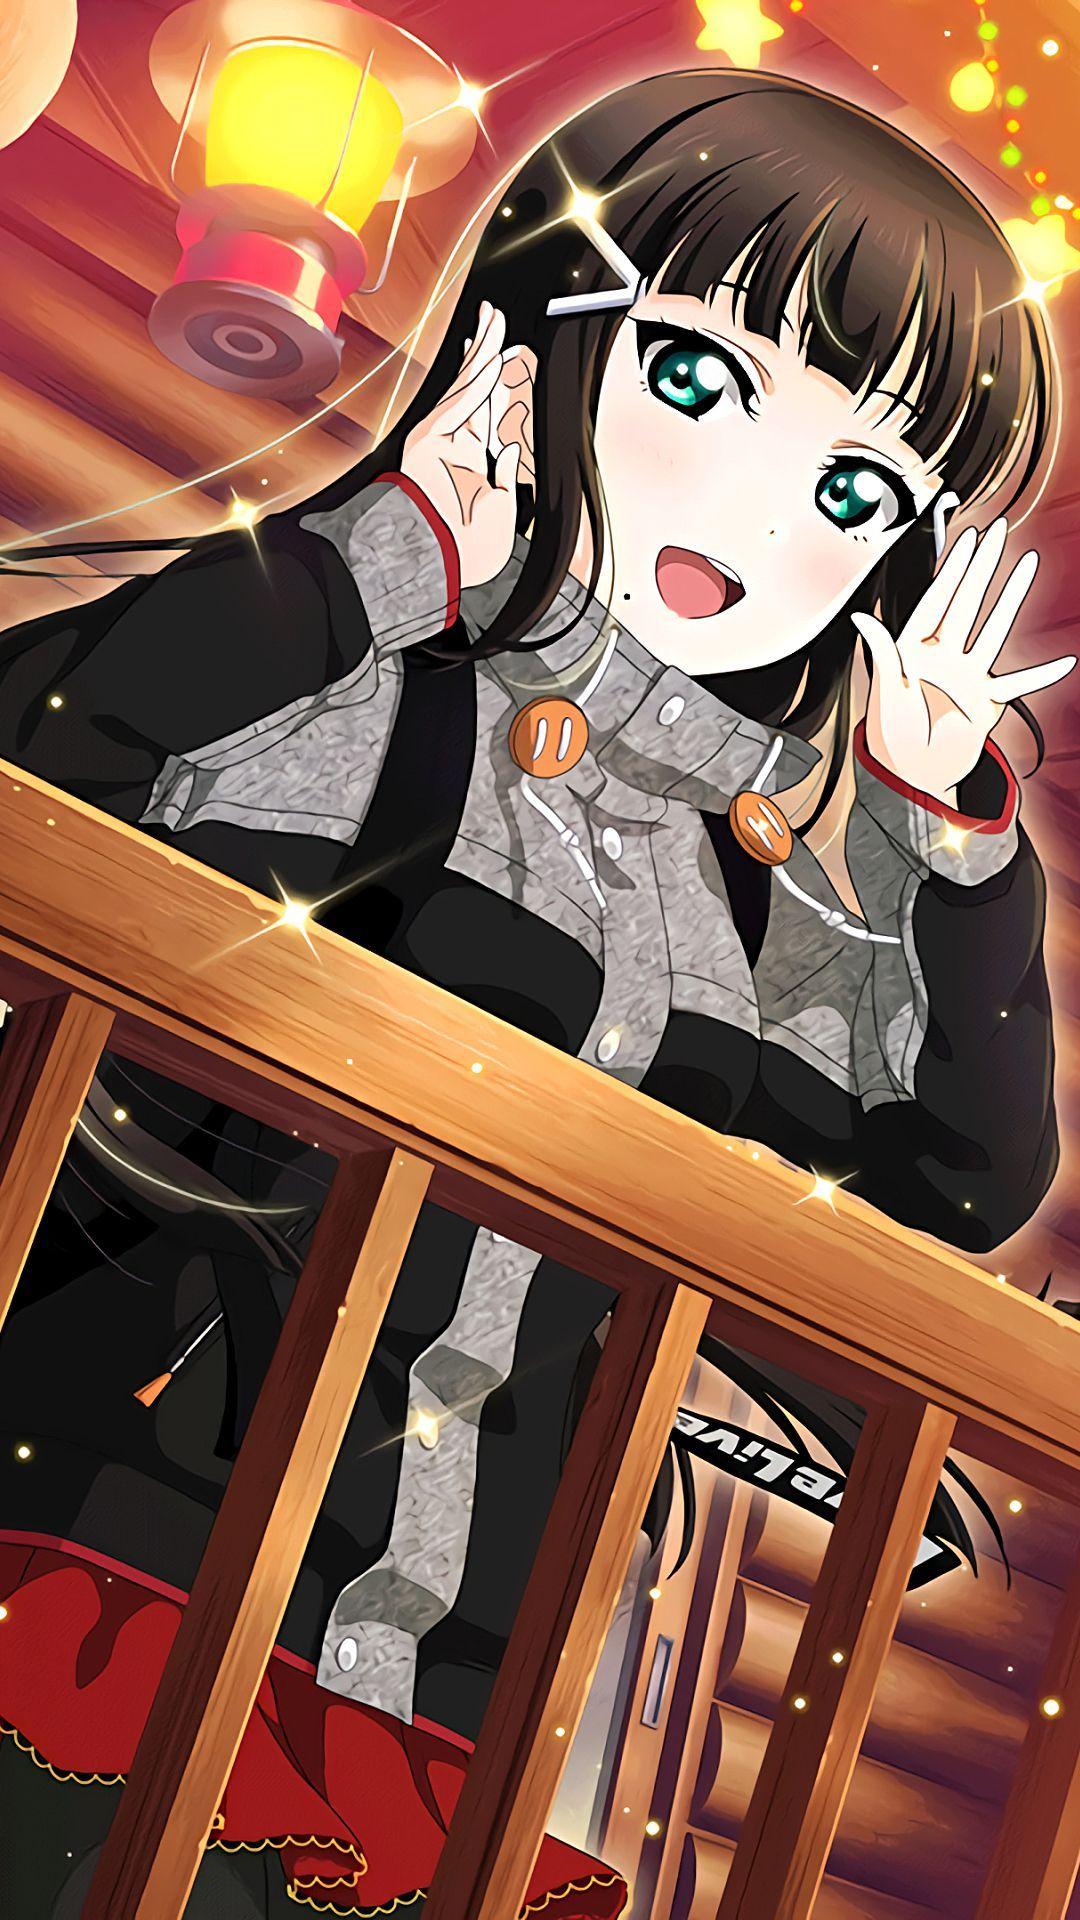 黒澤ダイヤiphone壁紙 Androidスマホ用画像 黒澤ダイヤ 黒澤 ラブライブサンシャイン